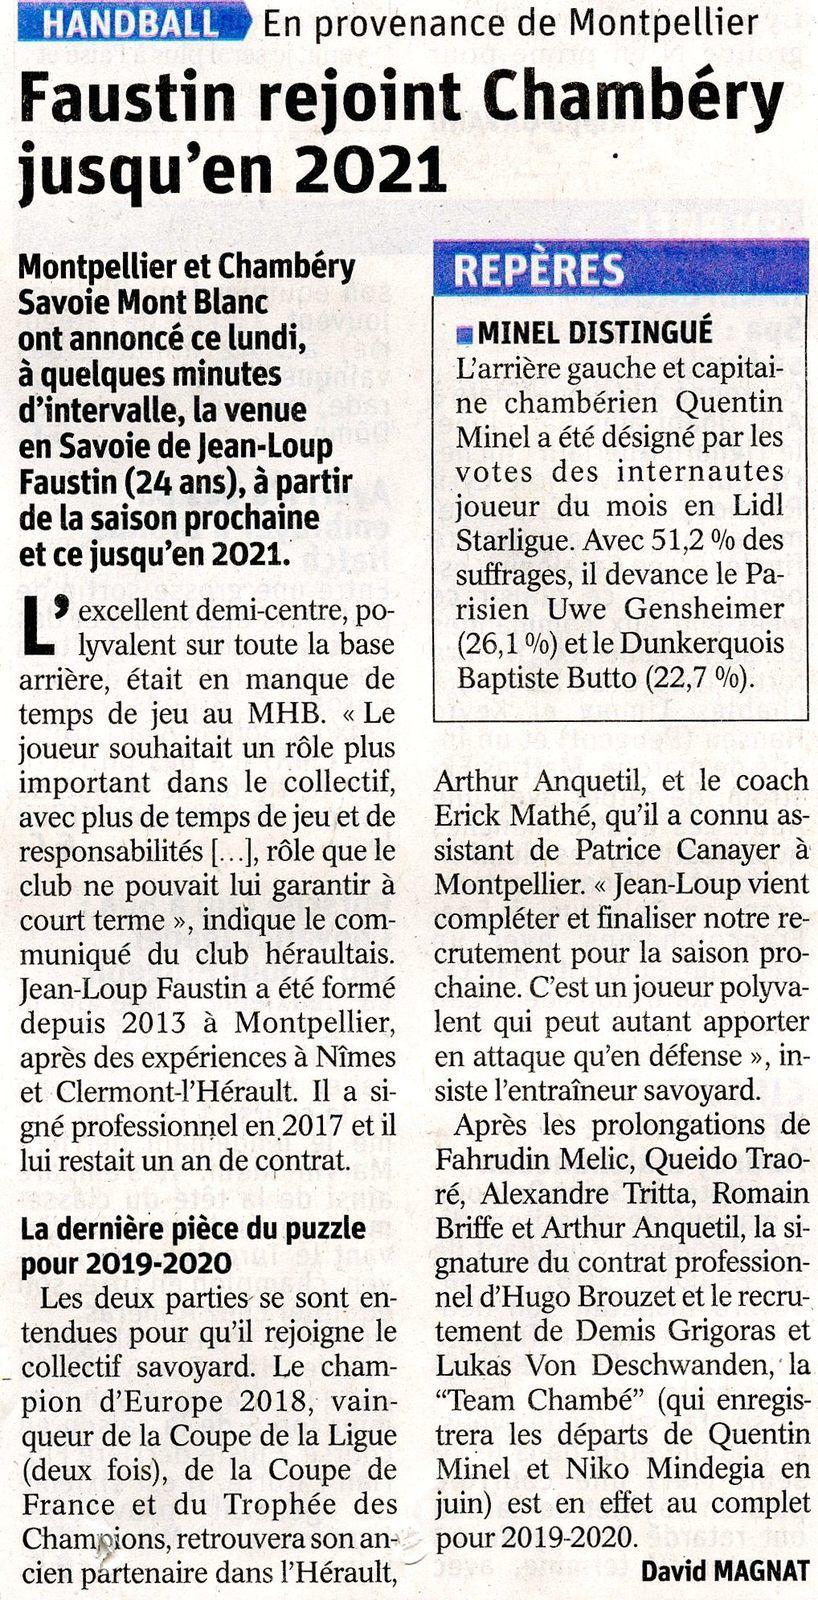 Article DL sur l'arrivée de Jean-Loup FAUSTIN 7 mai 2019